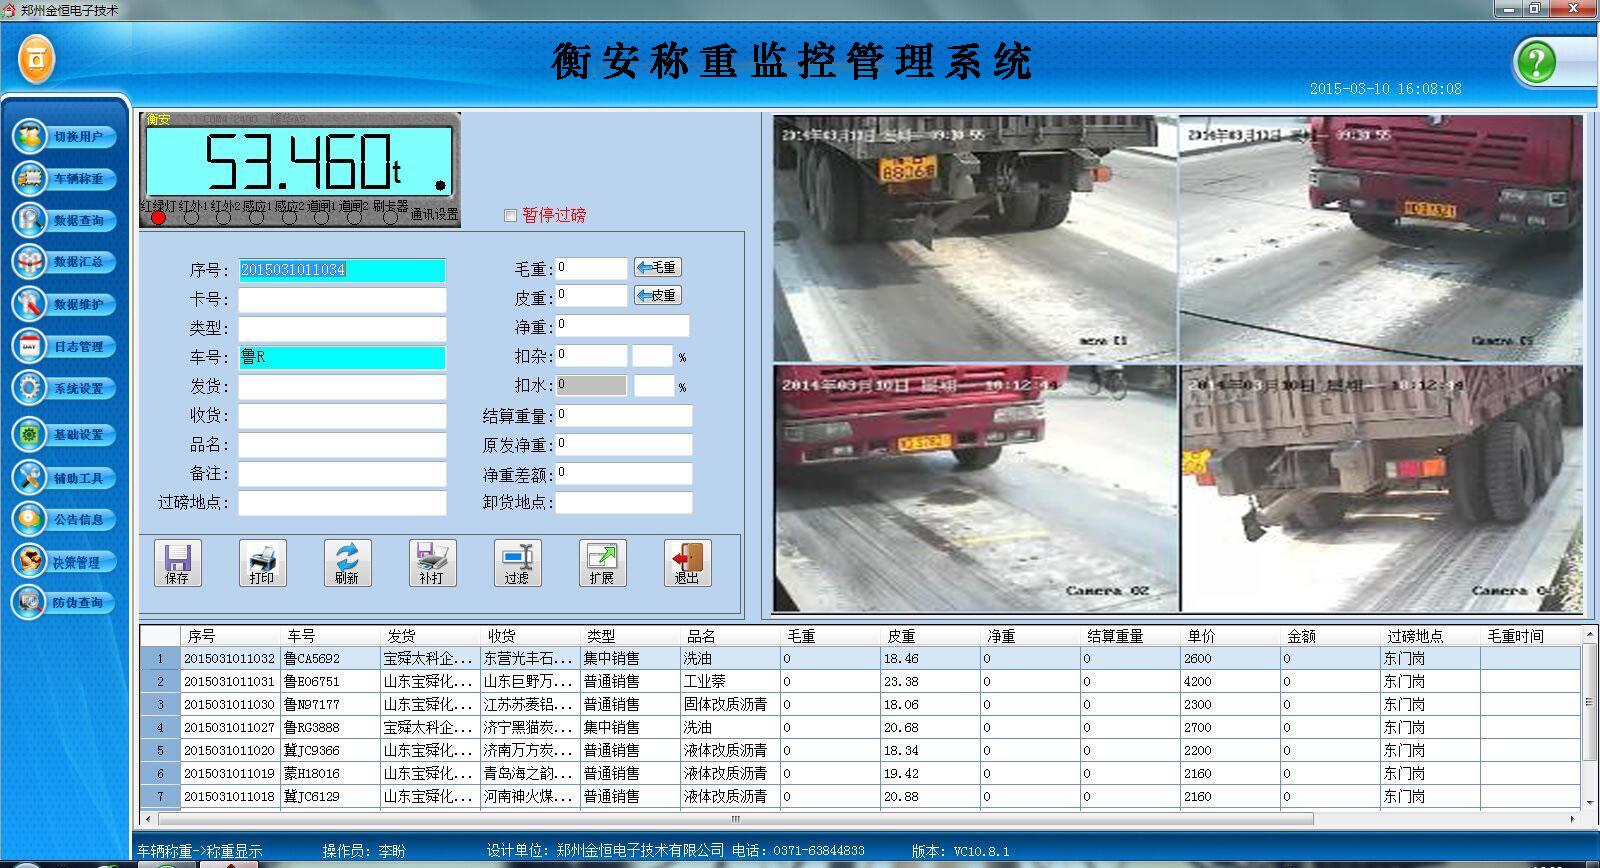 视频监控版地磅亿博国际专线投注系统